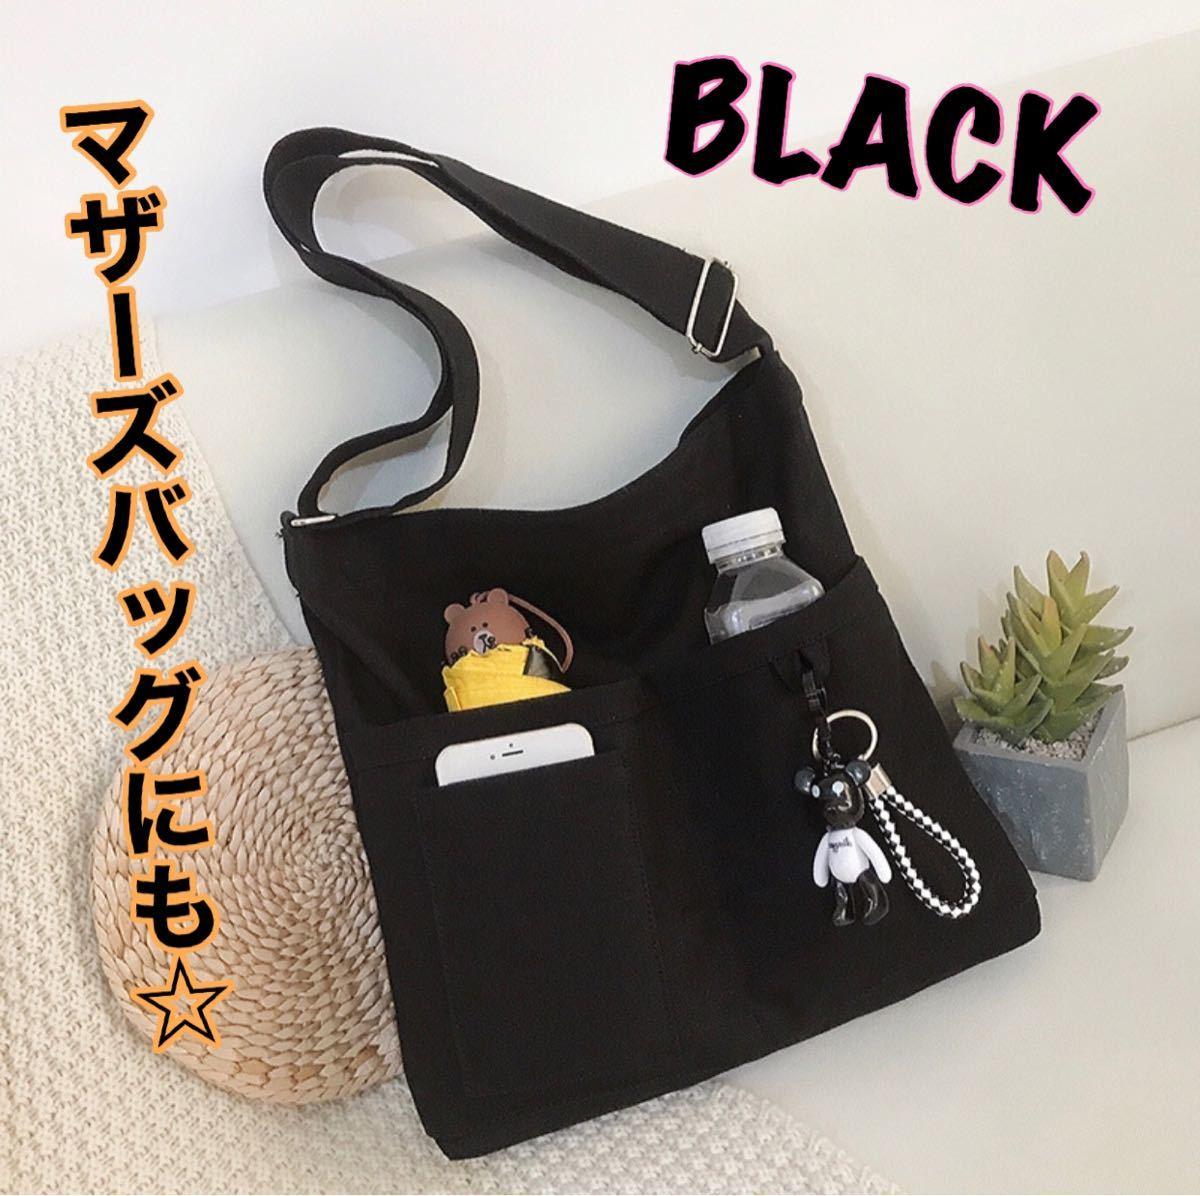 新品未使用 キャンパスバッグ くま 大容量 ブラック キーホルダー セット ショルダーバック マザーズバッグ 韓国 大人気